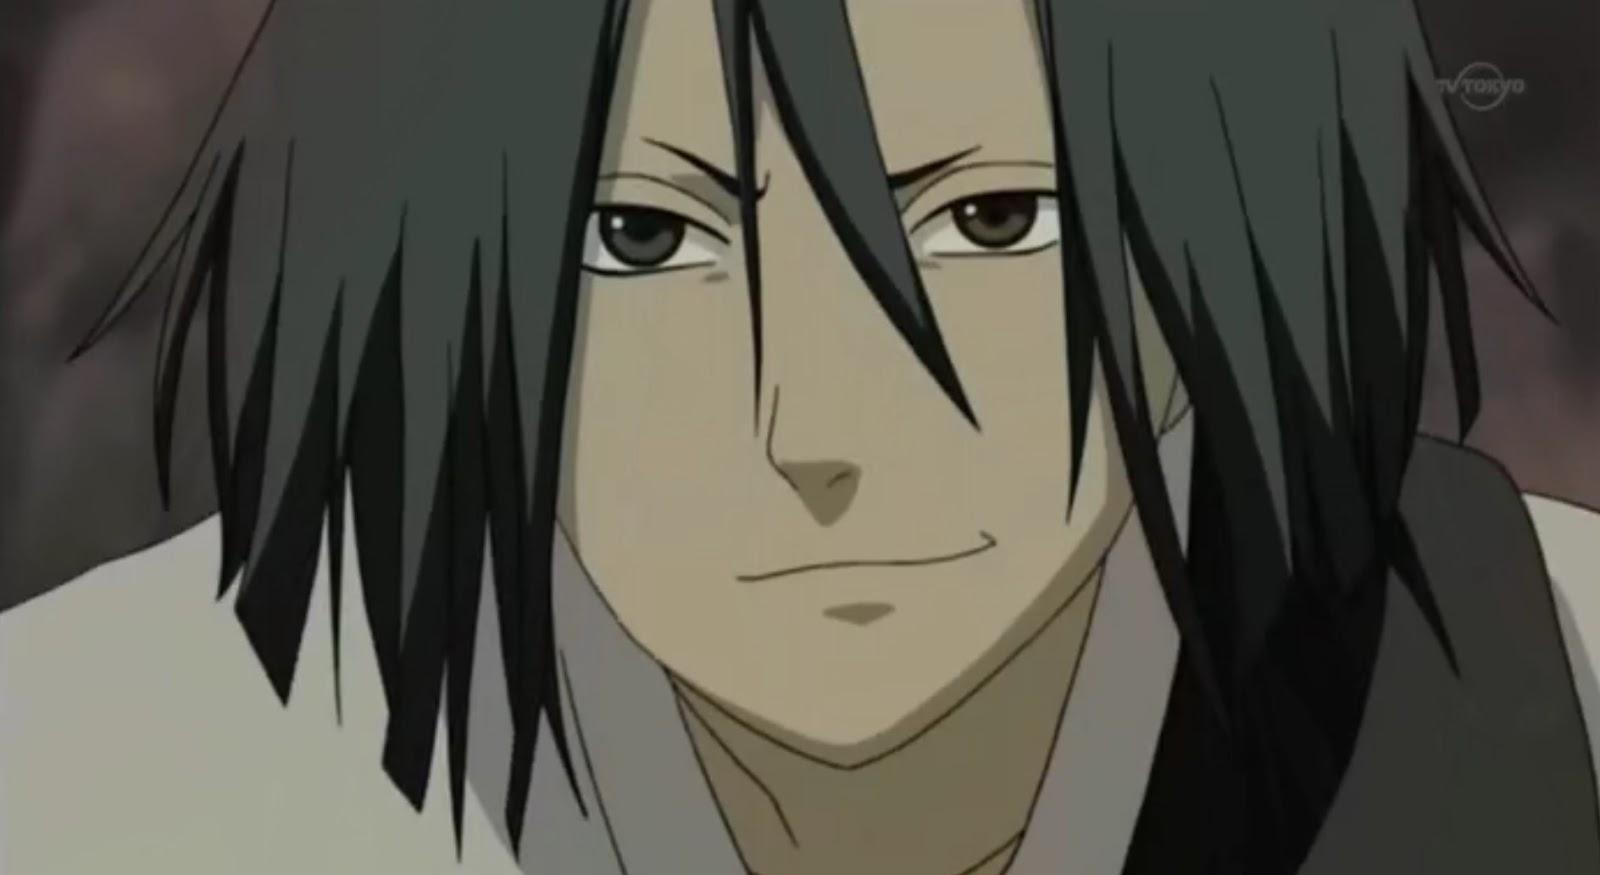 Naruto Shippuden Episódio 59, Assistir Naruto Shippuden Episódio 59, Assistir Naruto Shippuden Todos os Episódios Legendado, Naruto Shippuden episódio 59,HD